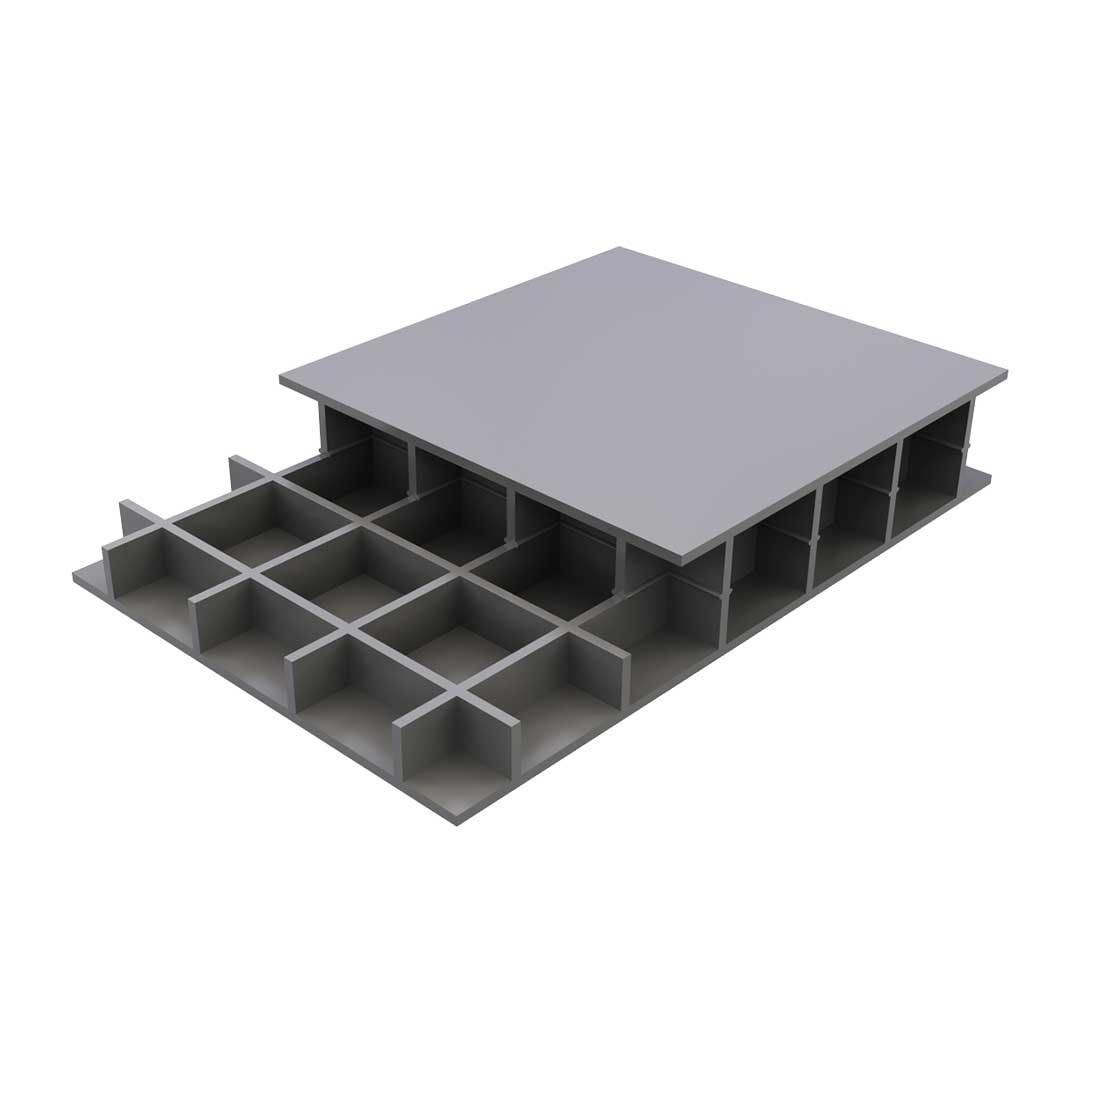 Paneltim PP Constructieplaat 50/100 Uv Grijs RAL7032 1200x1000x20mm